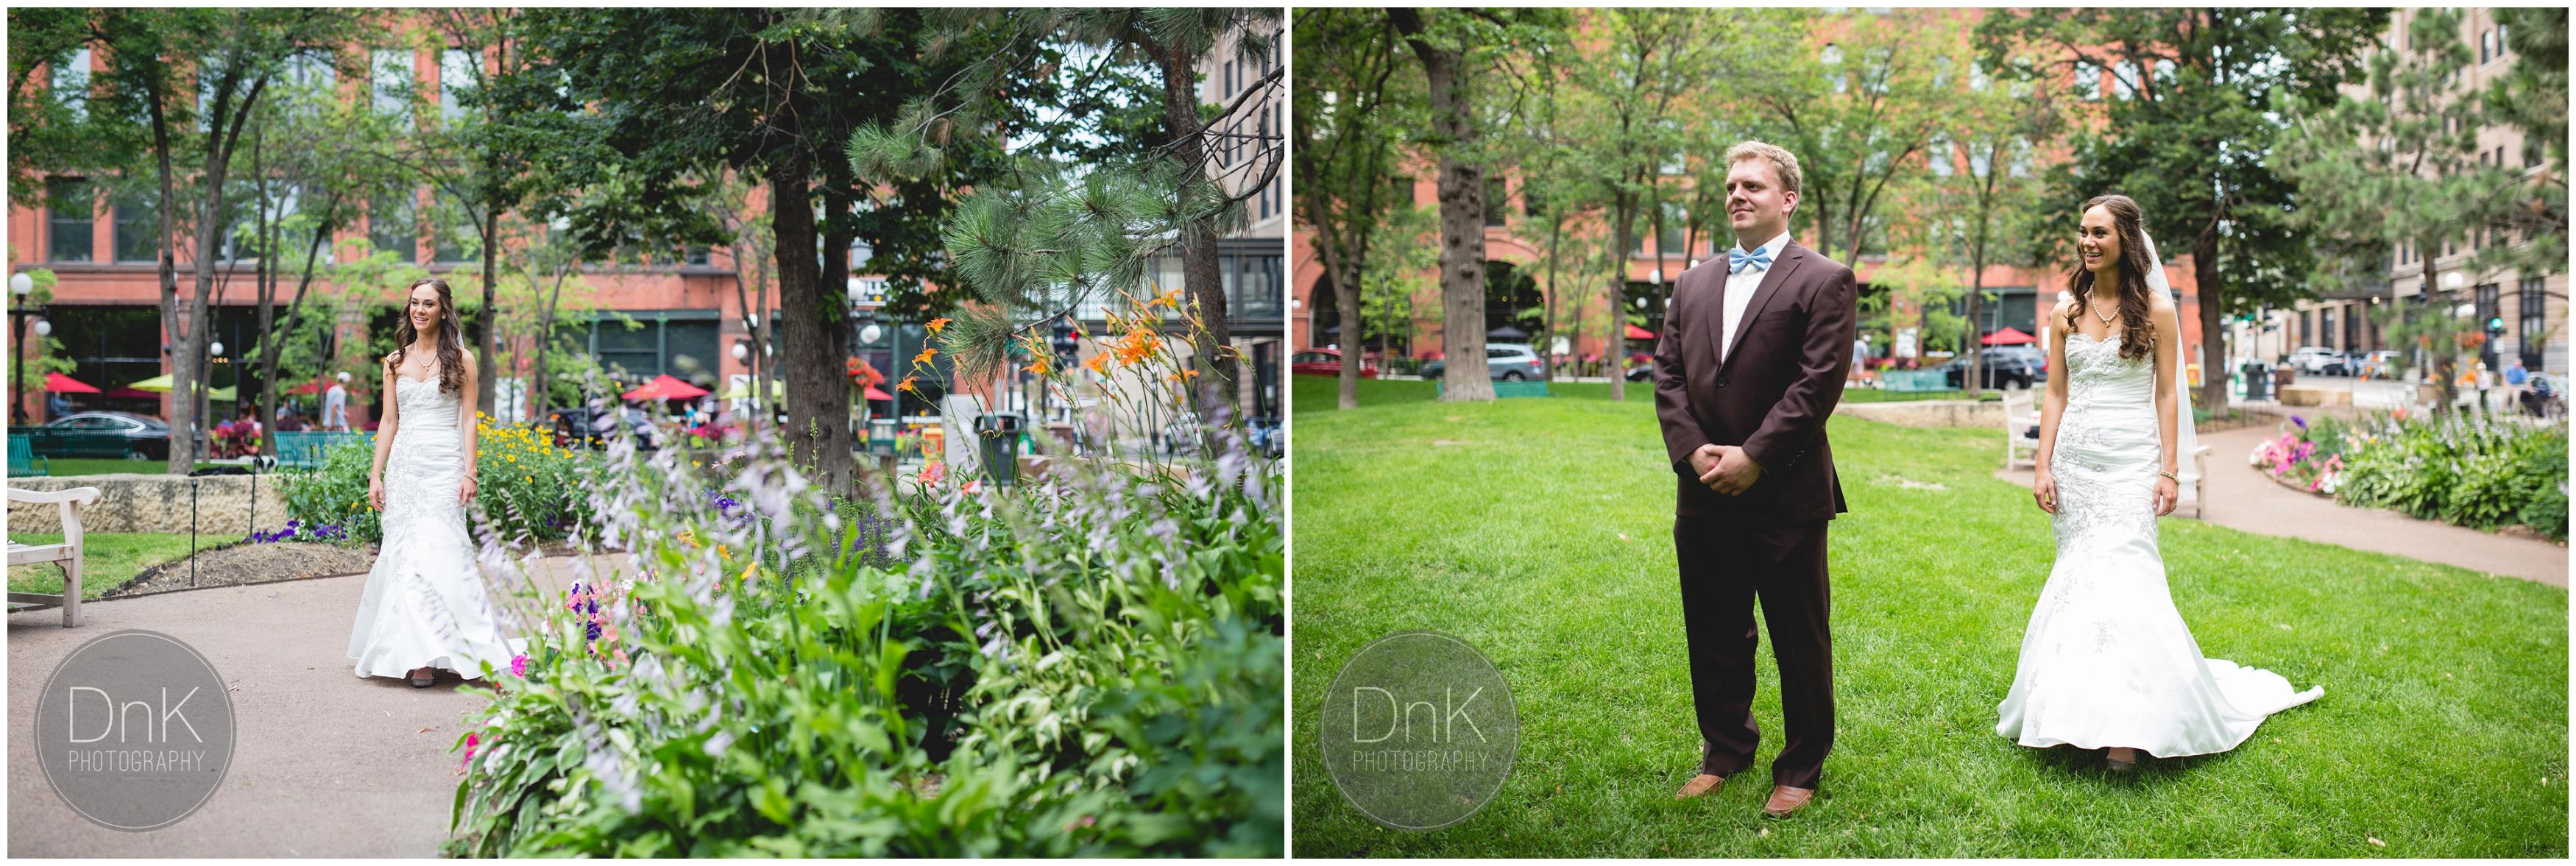 06 - Mears Park Wedding Photos